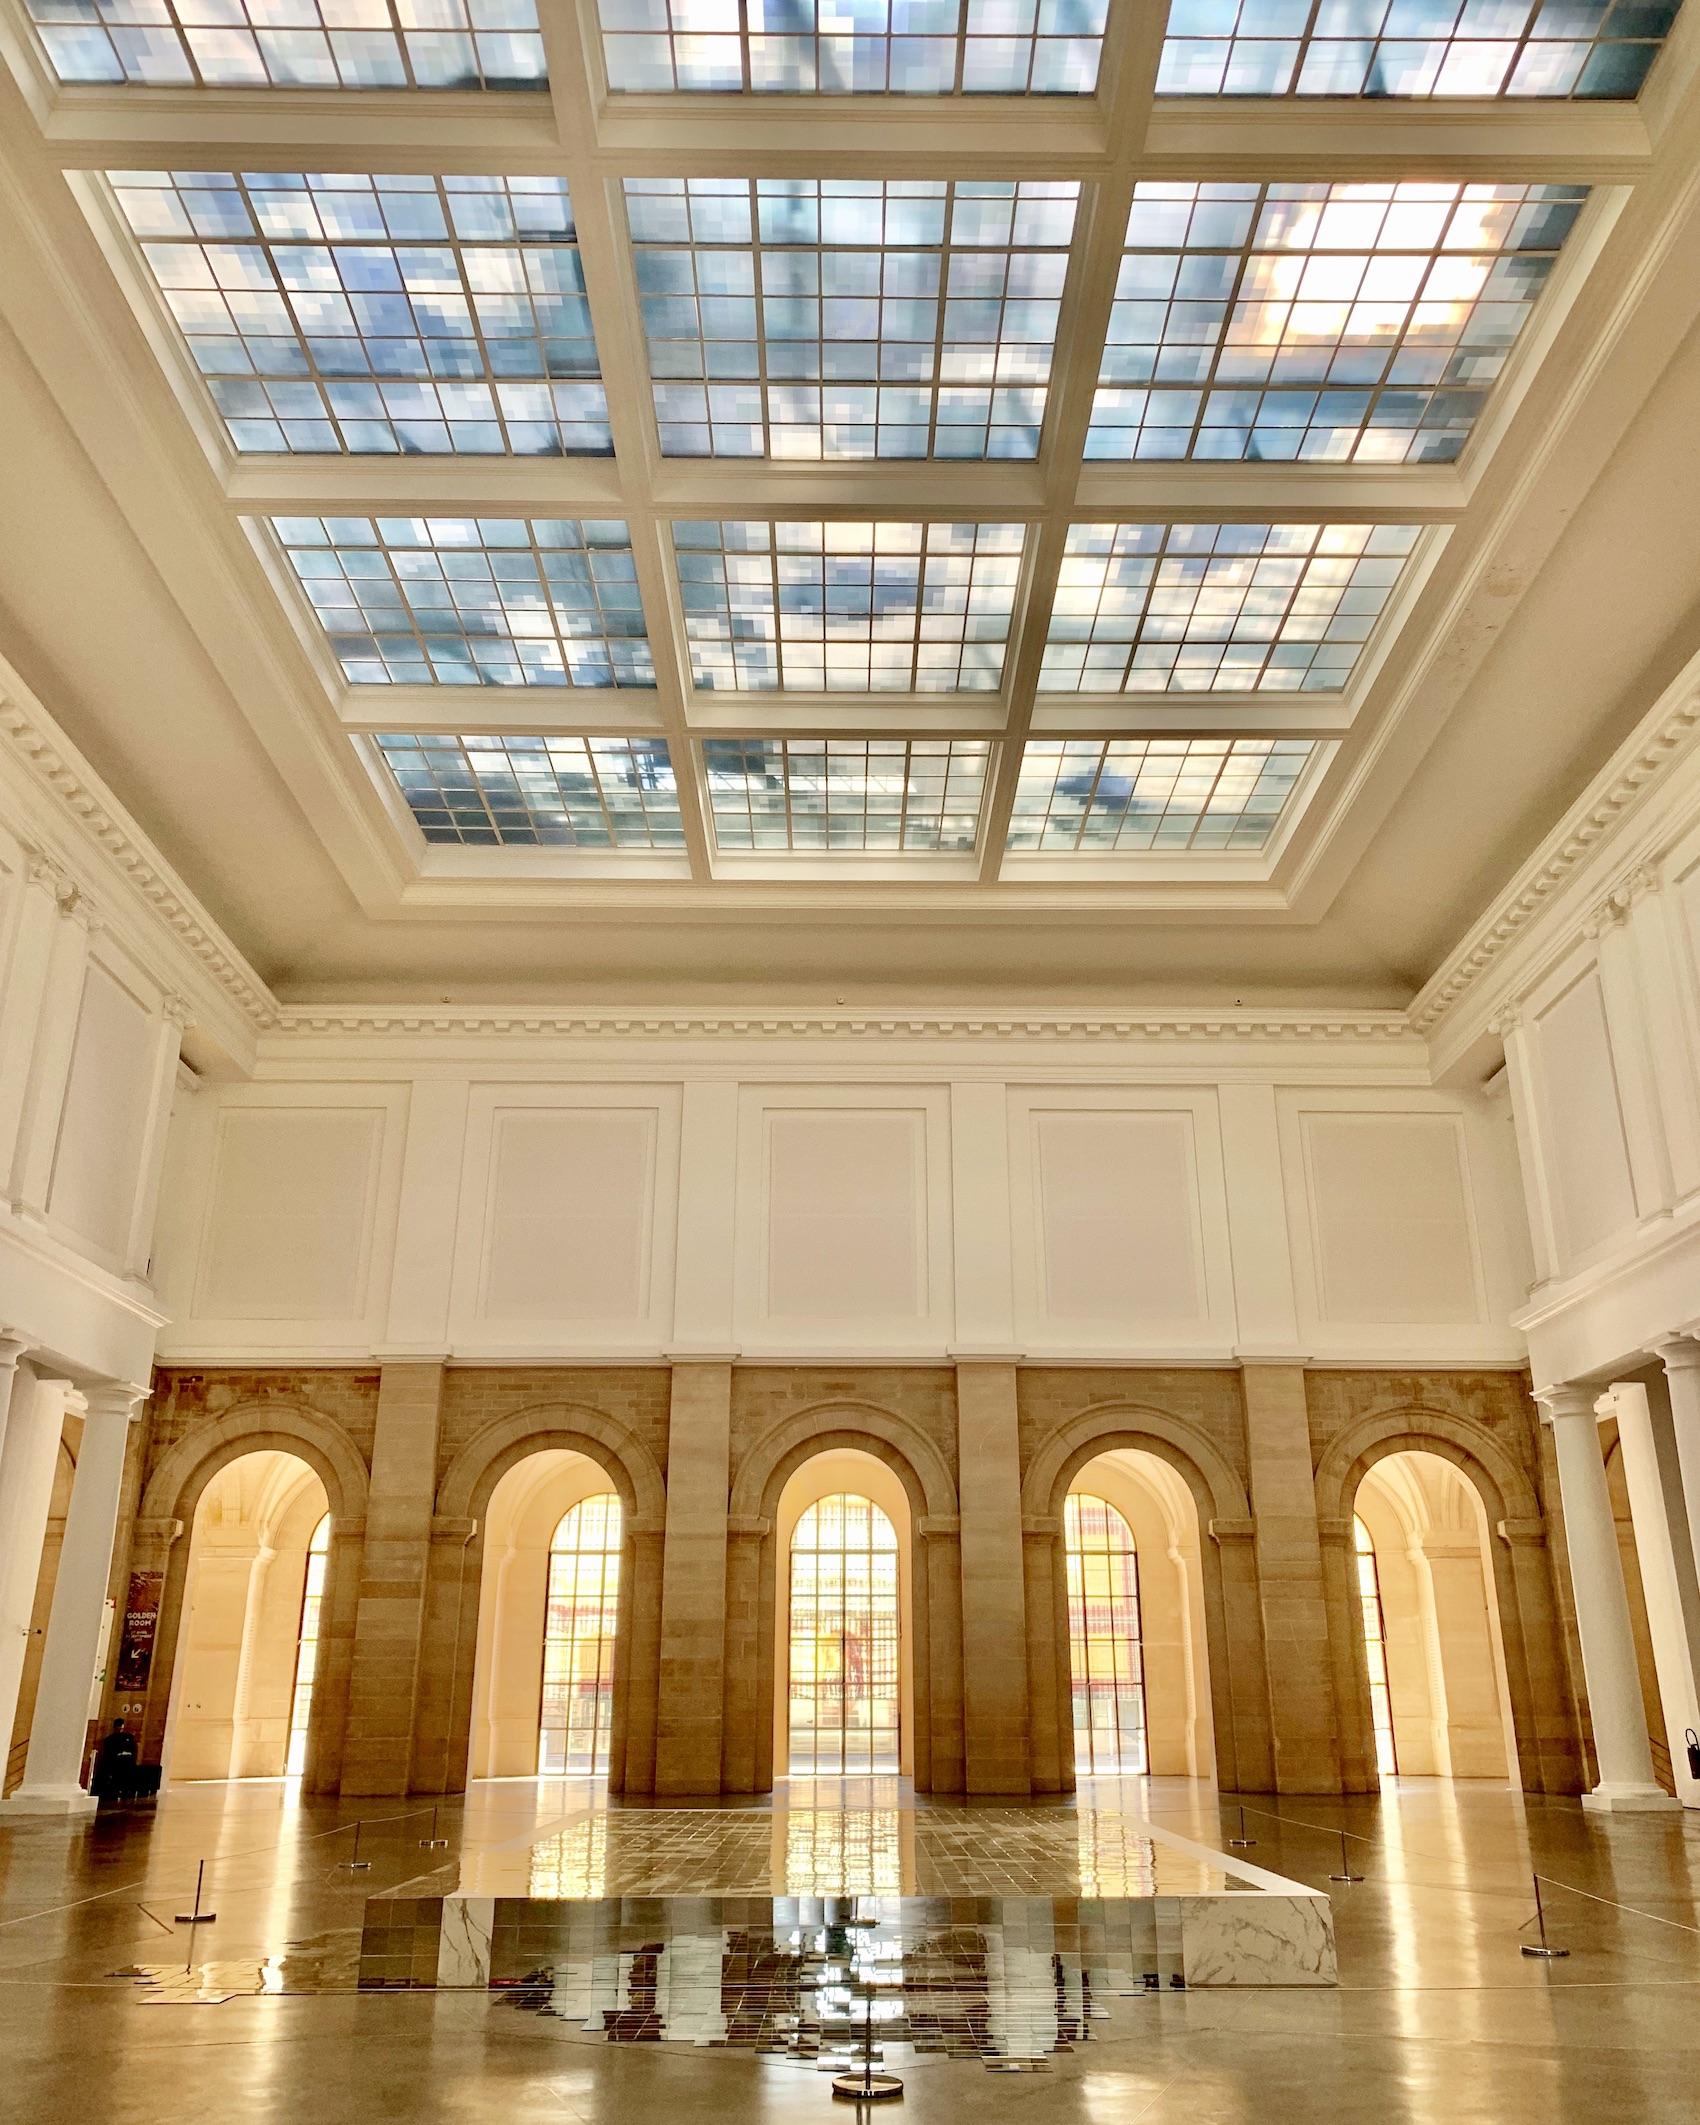 Le Palais des Beaux Arts Interior